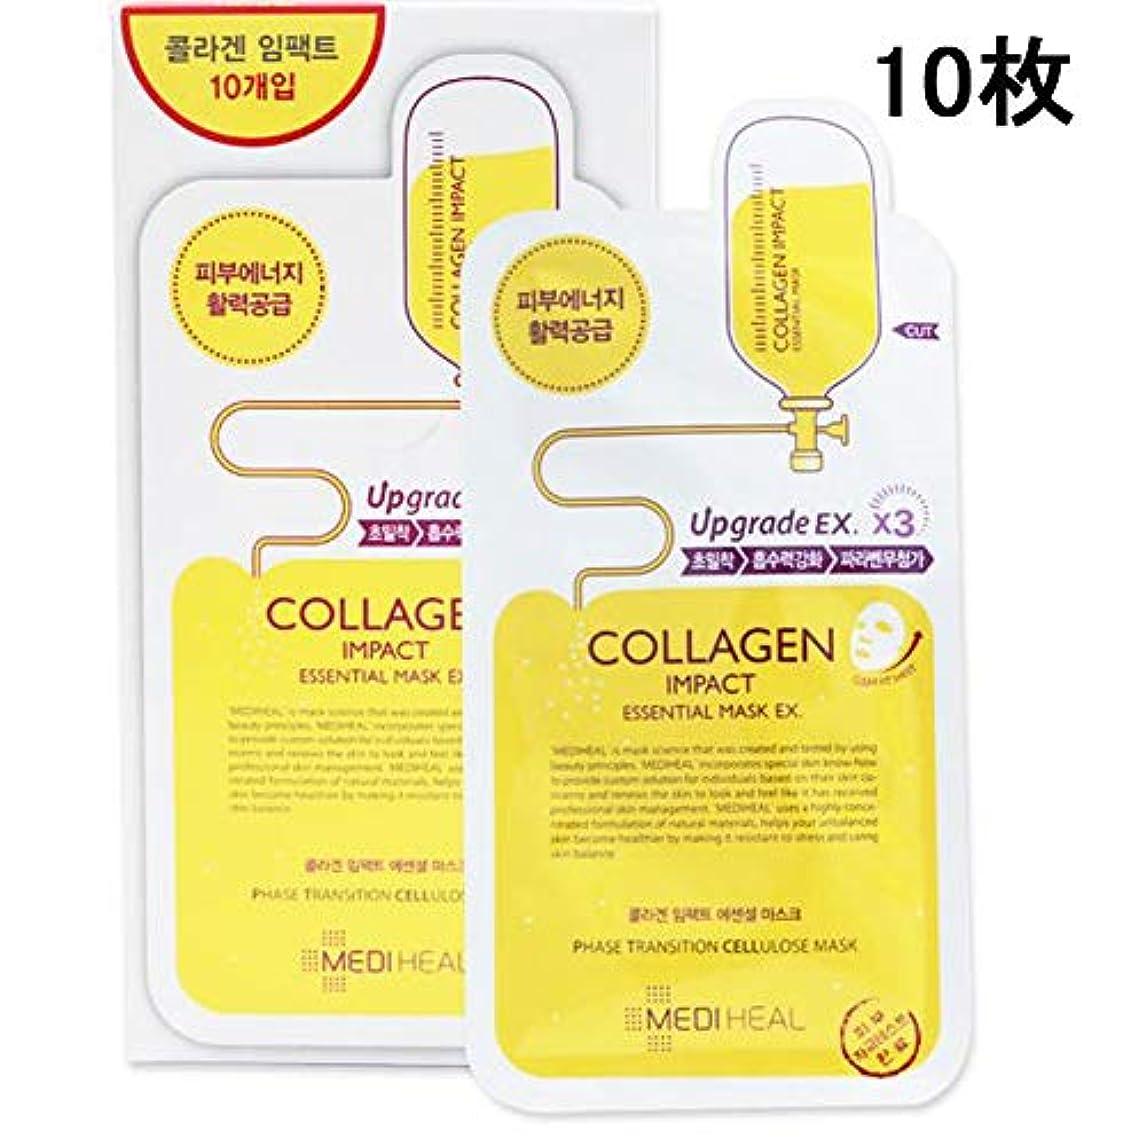 いま絞る五月[メディヒール] Mediheal Colagen Impact Essential Mask メディヒールコラーゲンインパクトエッセンシャルマスクシートEX 10枚 (24ml) [海外直送品][並行輸入品]